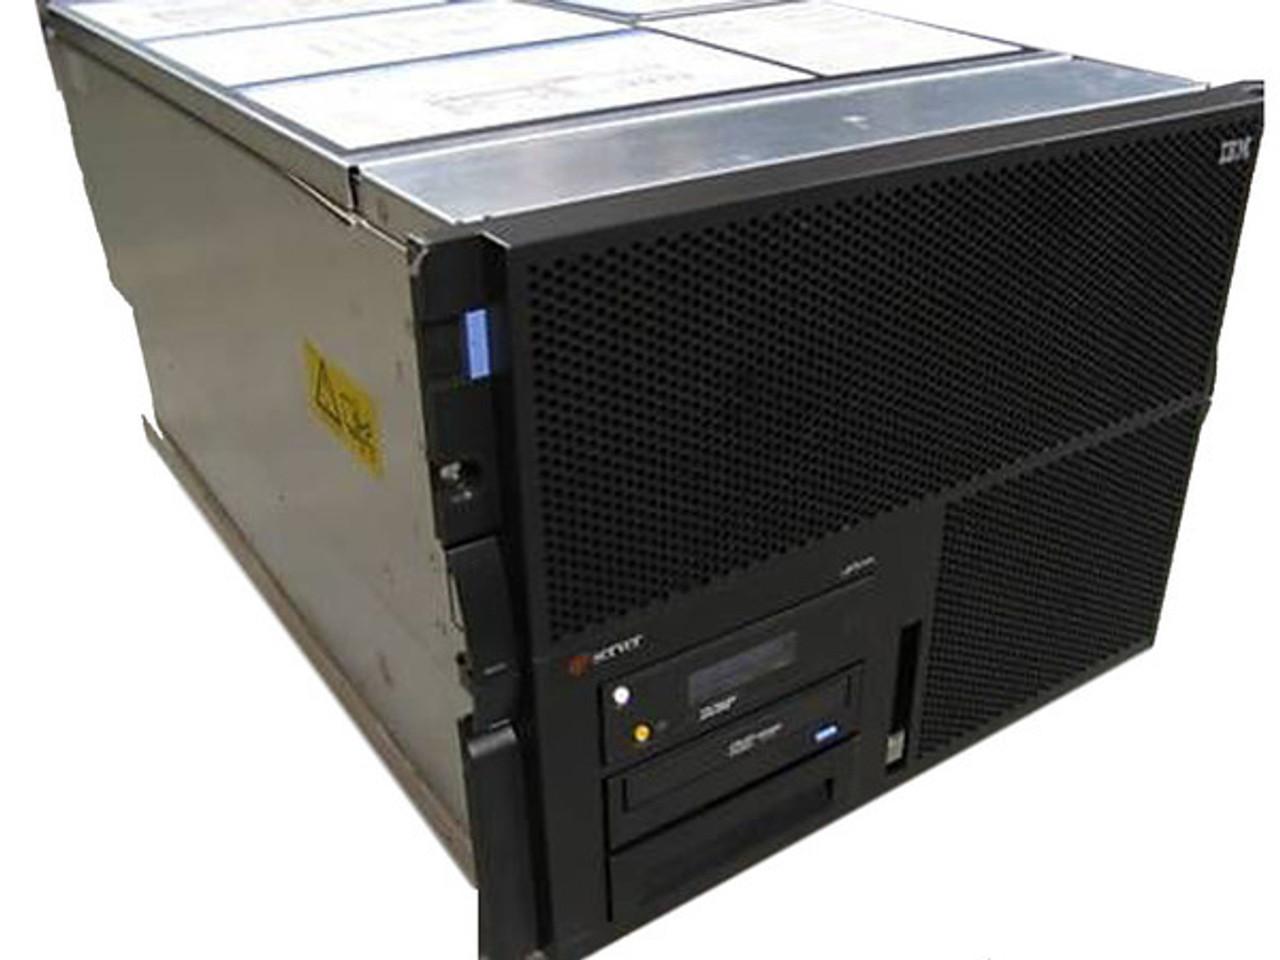 IBM 7038-6M2 eServer pSeries 650